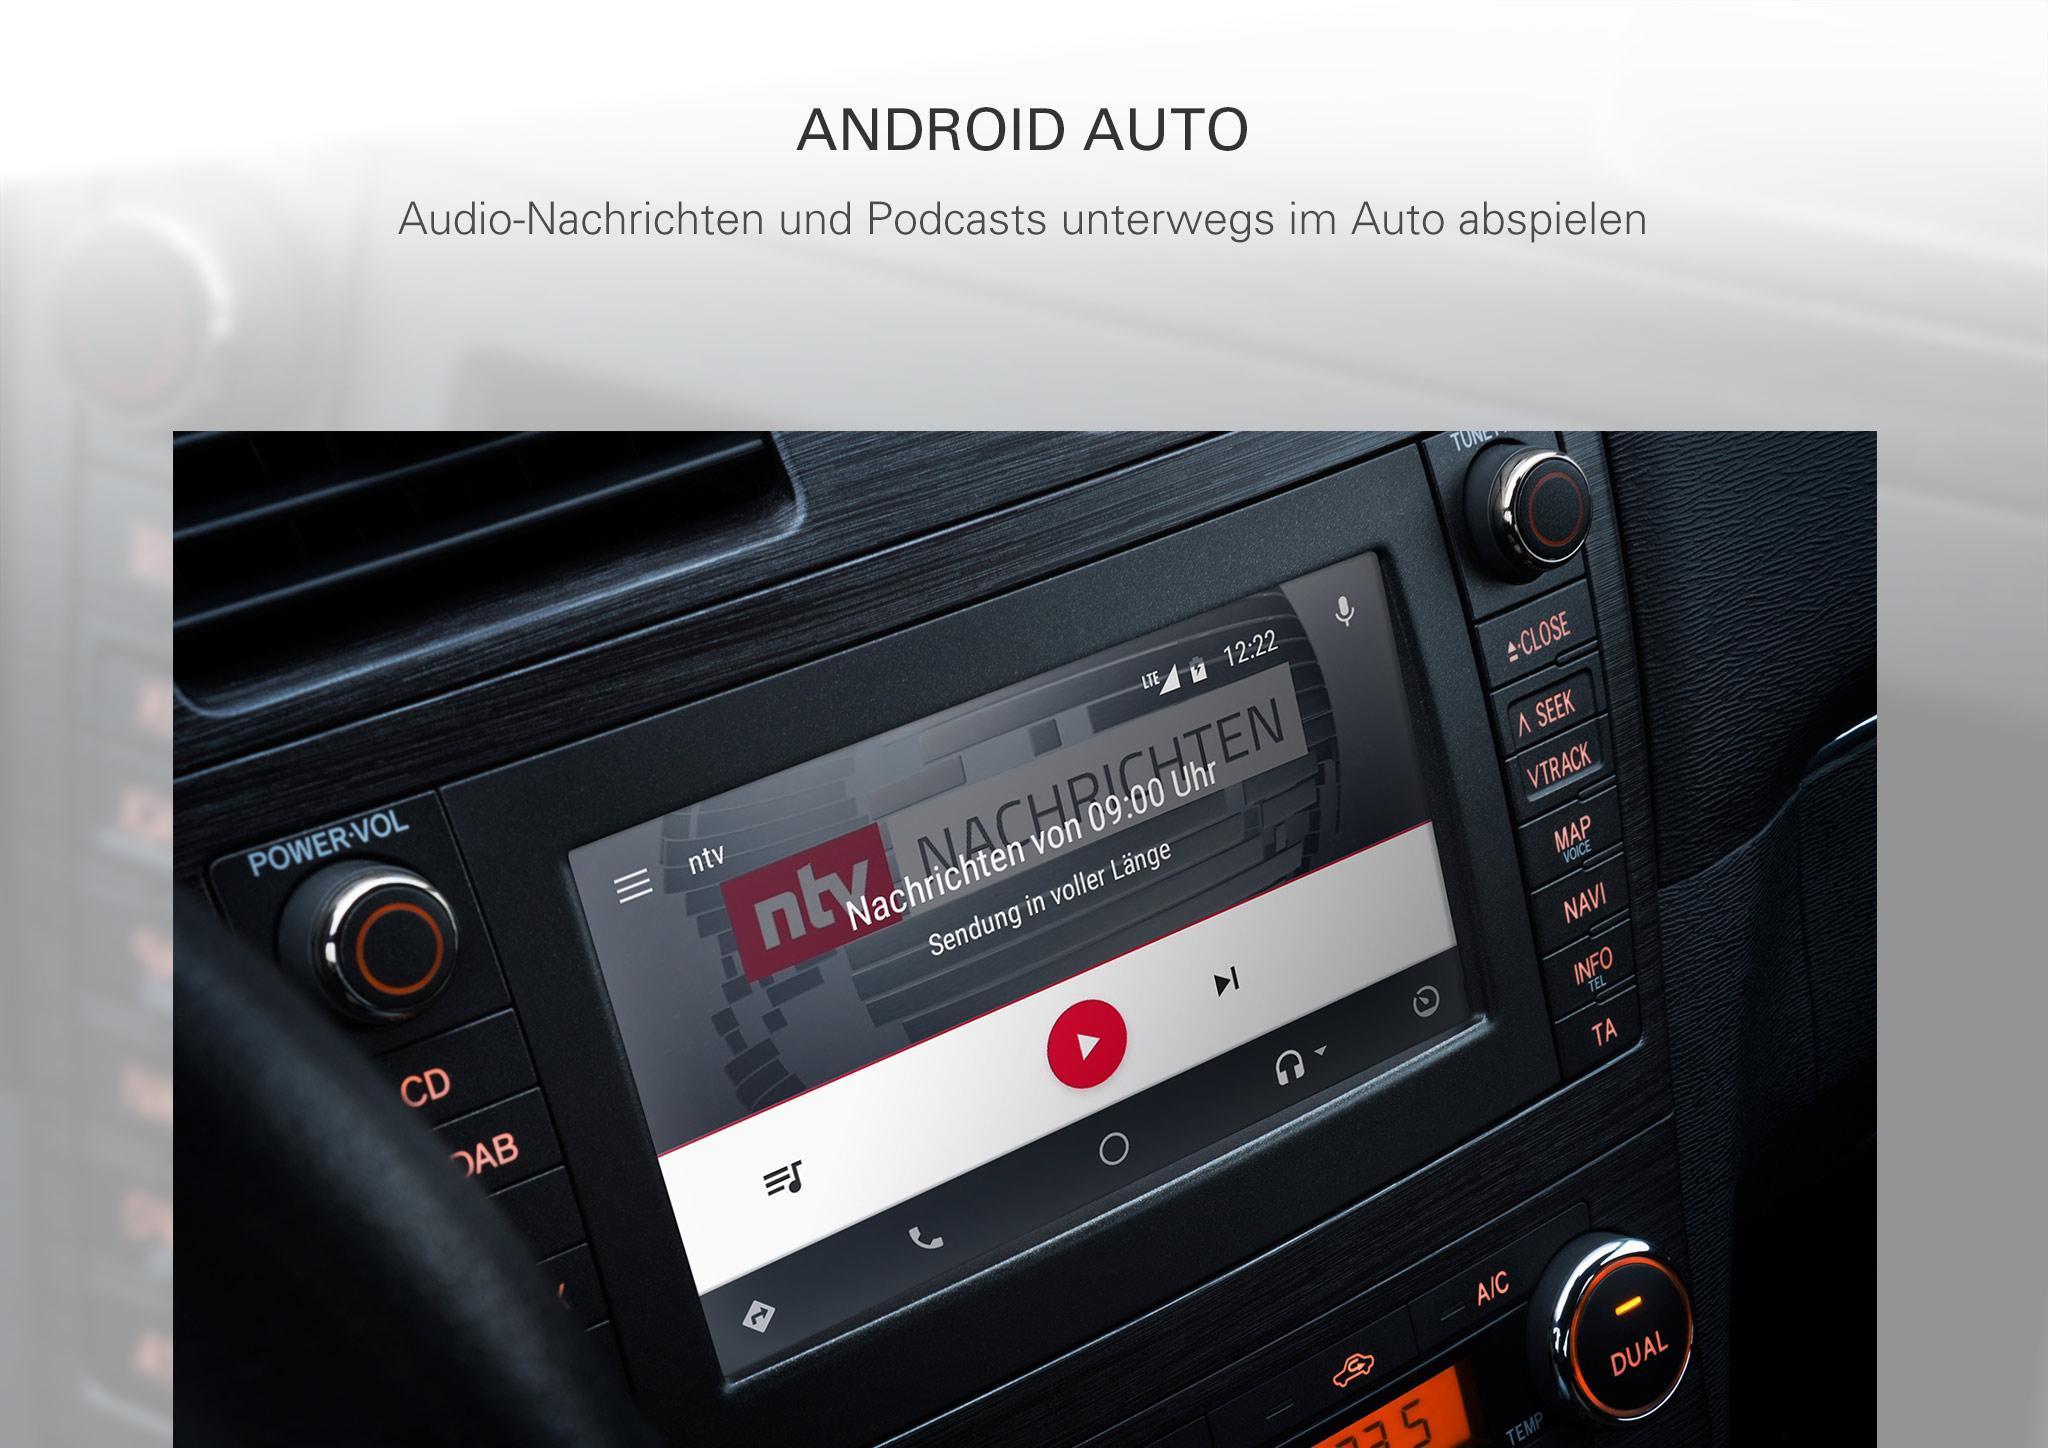 ntv Nachrichten 5.7.0.2 Screenshot 6